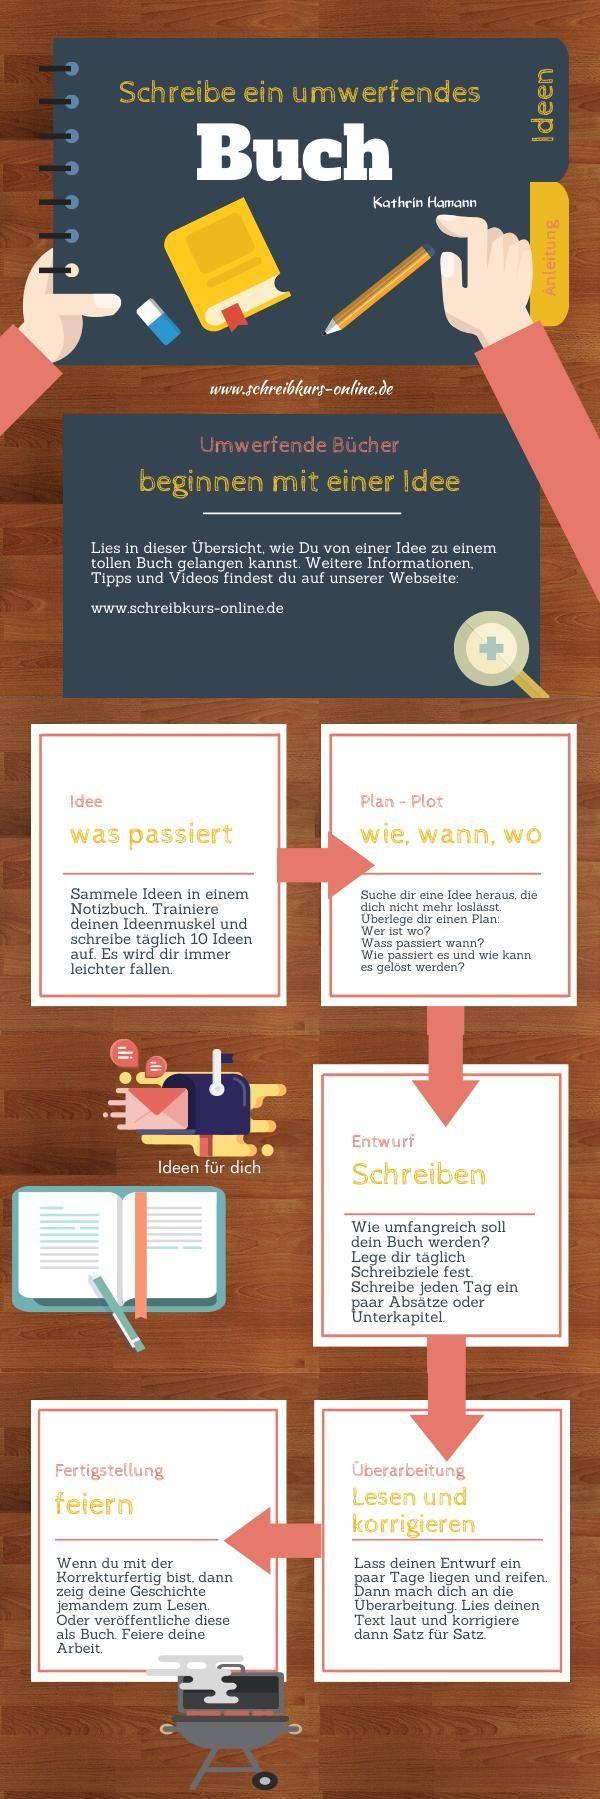 umwerfendes Buch schreiben   Piktochart Infographic Editor